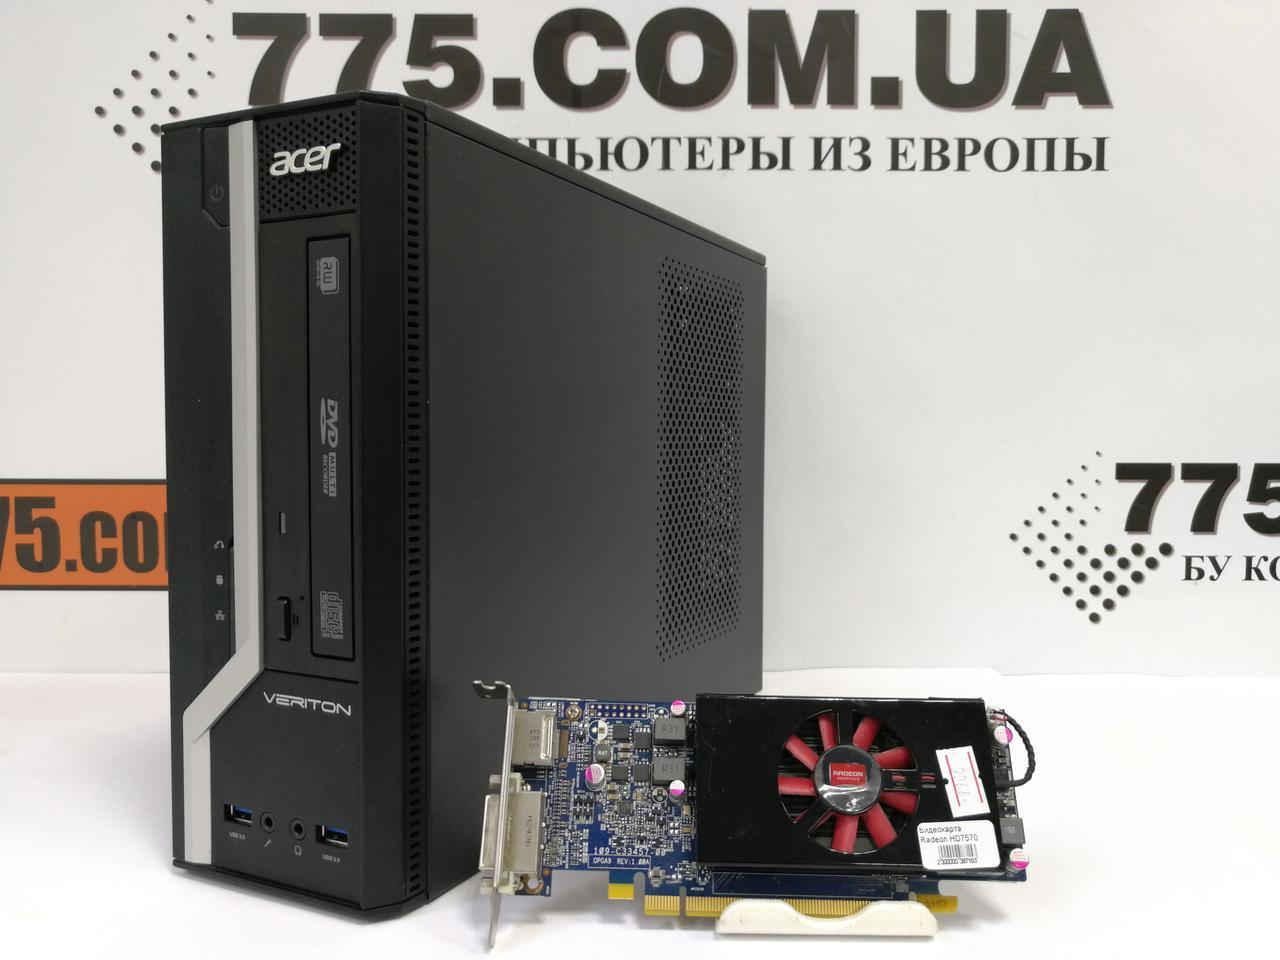 Игровой компьютер Acer Veriton X2631G, Intel Сore i3-4130 3.40GHz, RAM 6ГБ, HDD 320ГБ, HD 8570 1ГБ